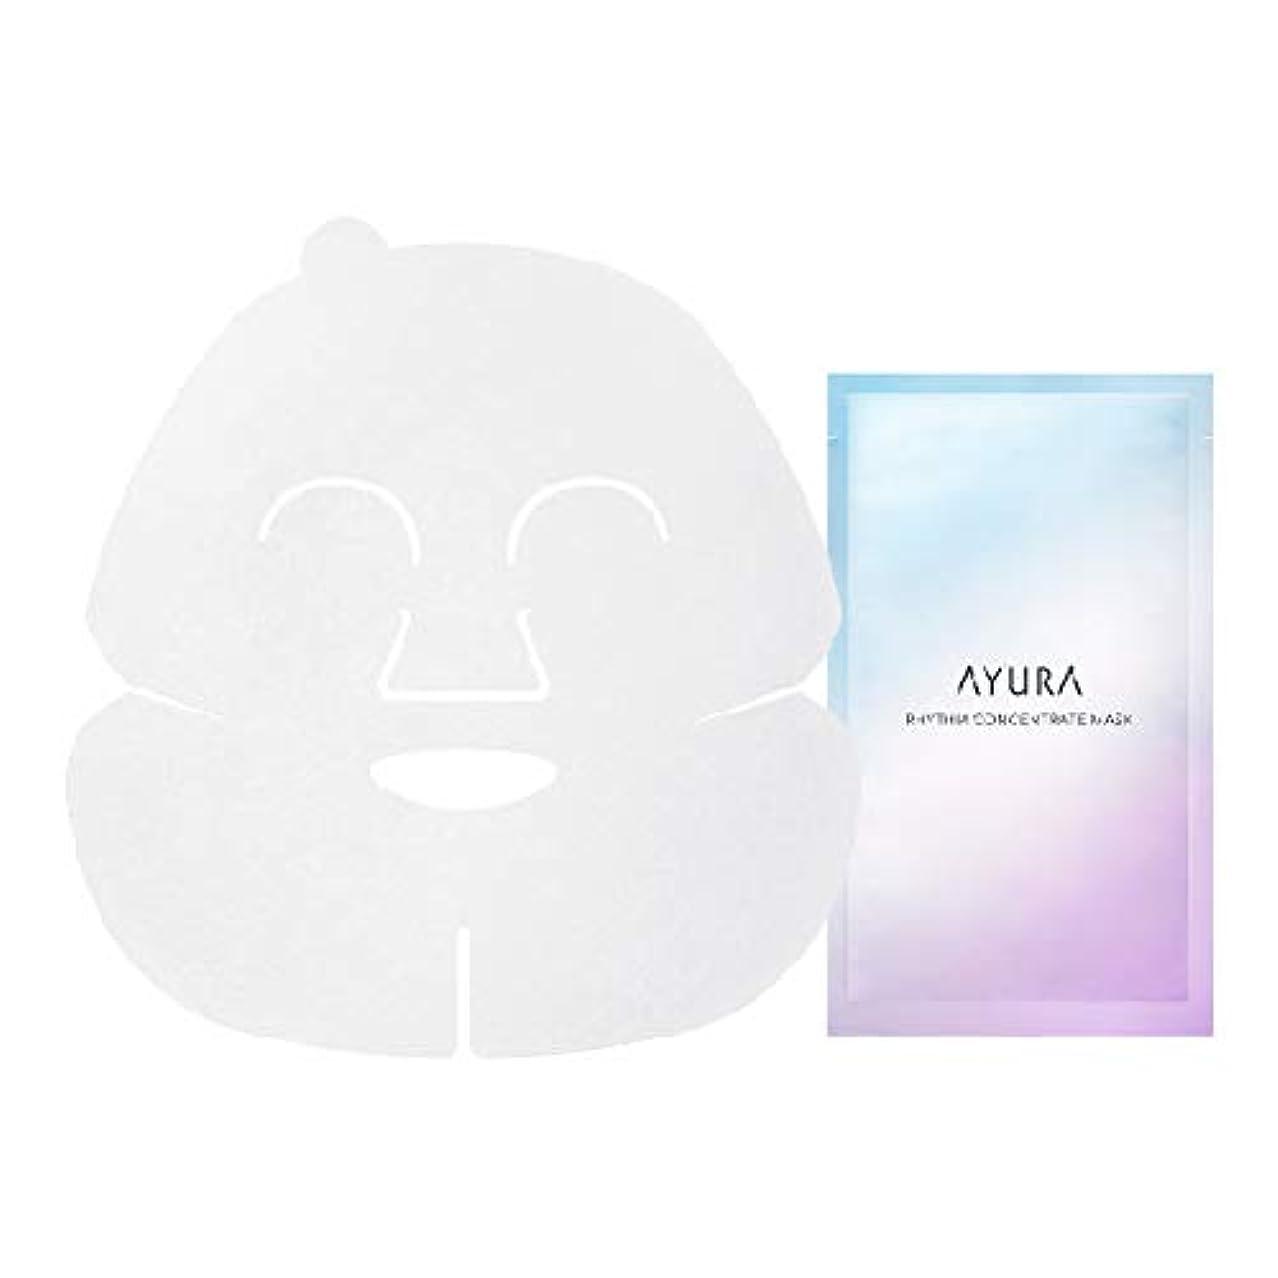 カフェいらいらする放出アユーラ (AYURA) リズムコンセントレートマスク 23mL×6枚入 〈美容液マスク〉